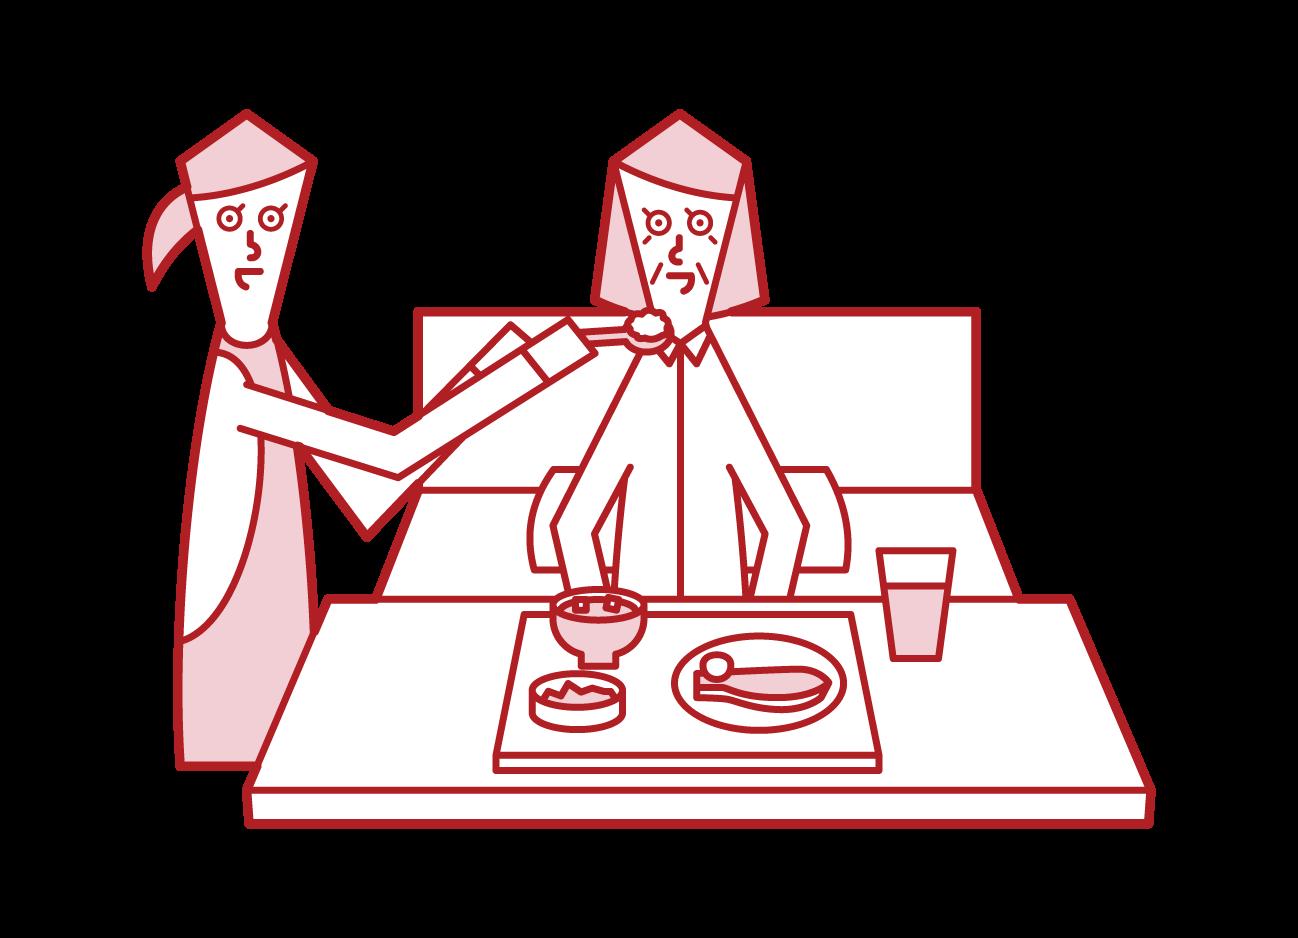 食事介助を受ける老人(女性)のイラスト